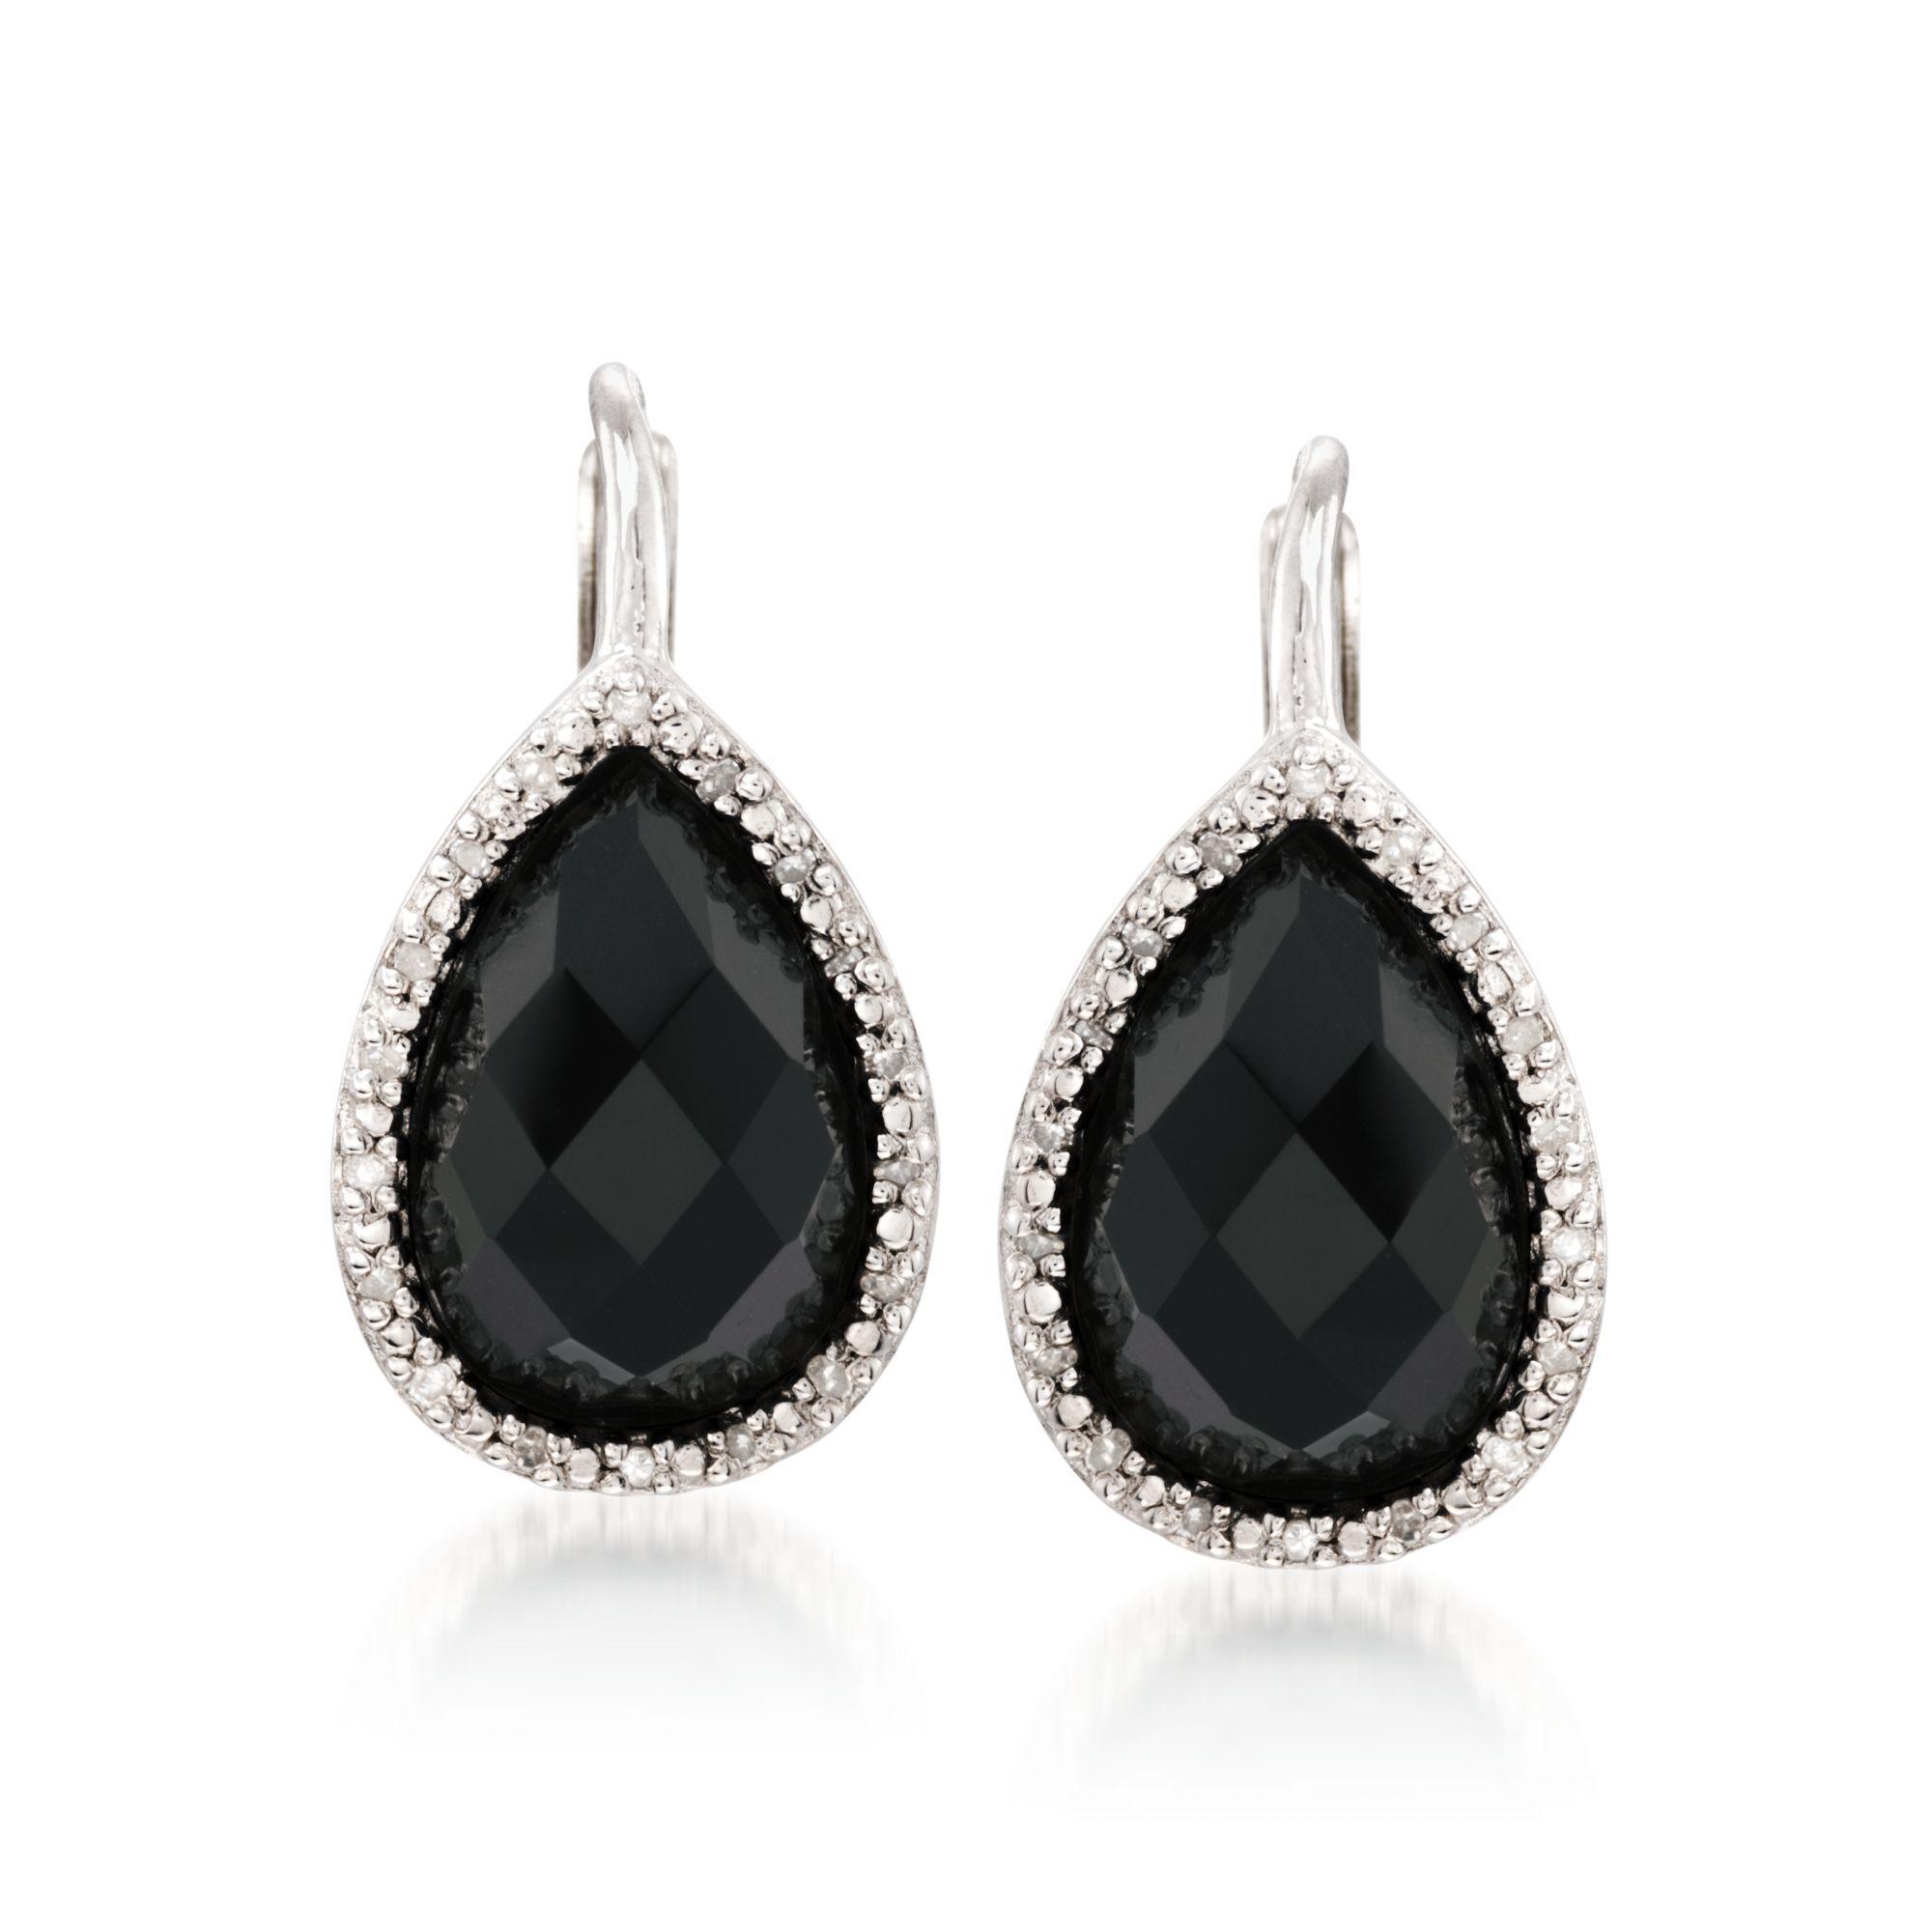 Black Onyx and .11 ct. t.w. Diamond Drop Earrings in